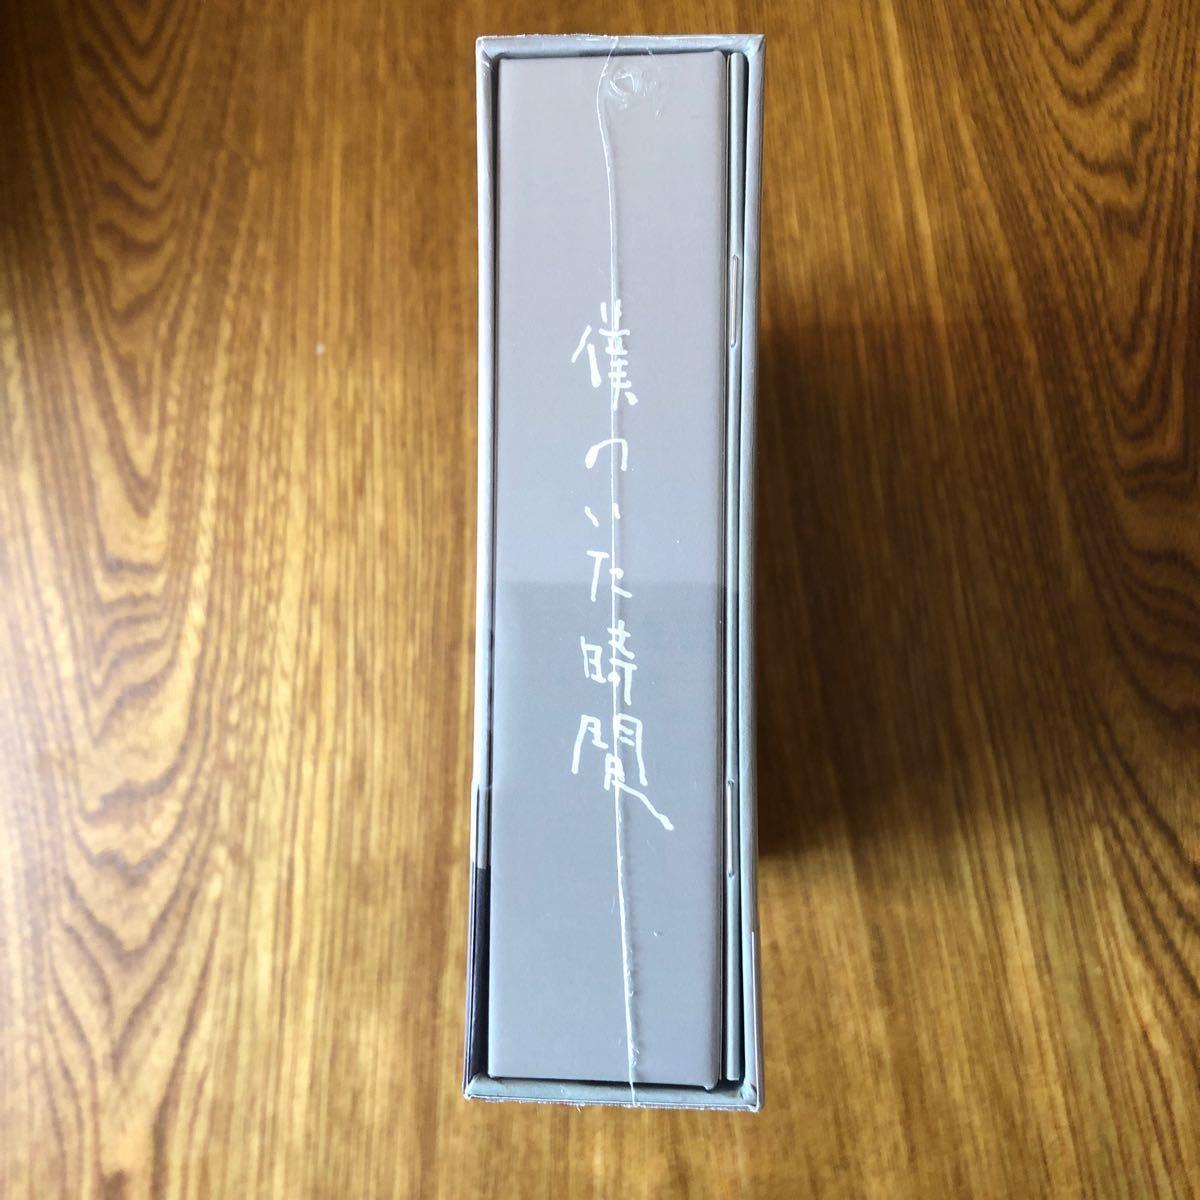 僕のいた時間 DVD-BOX 三浦春馬